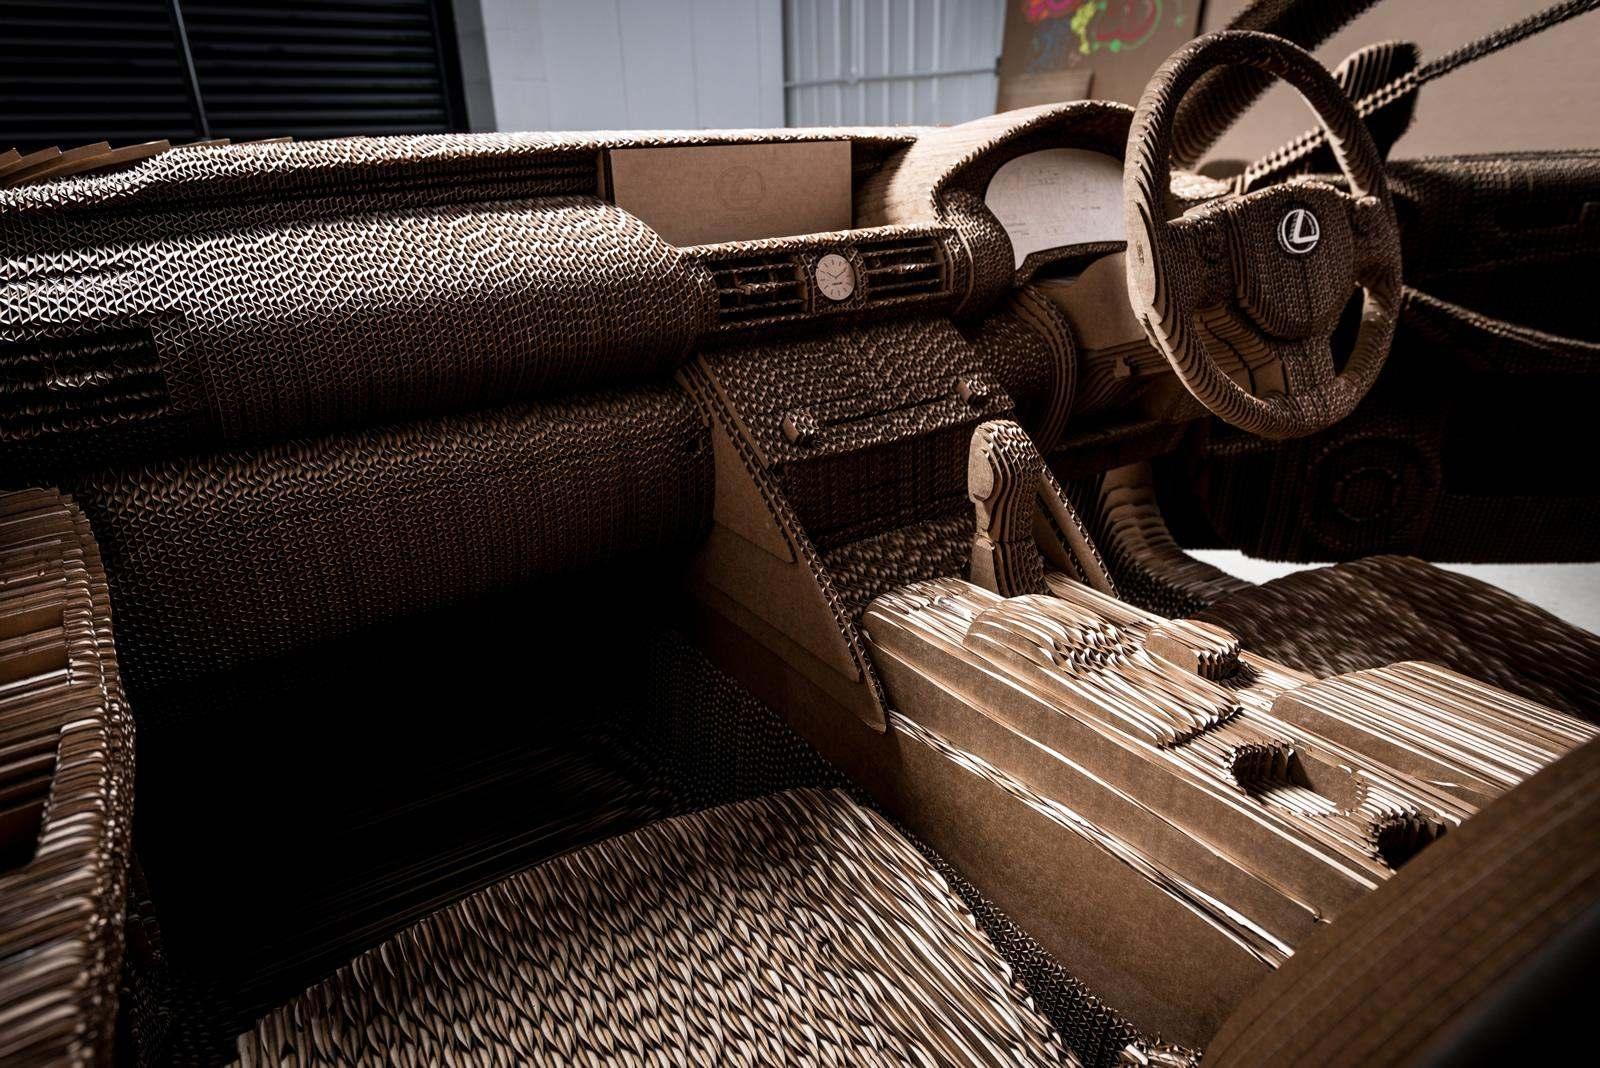 [Image: S0-Lexus-devoile-une-IS-roulante-en-carton-363734.jpg]